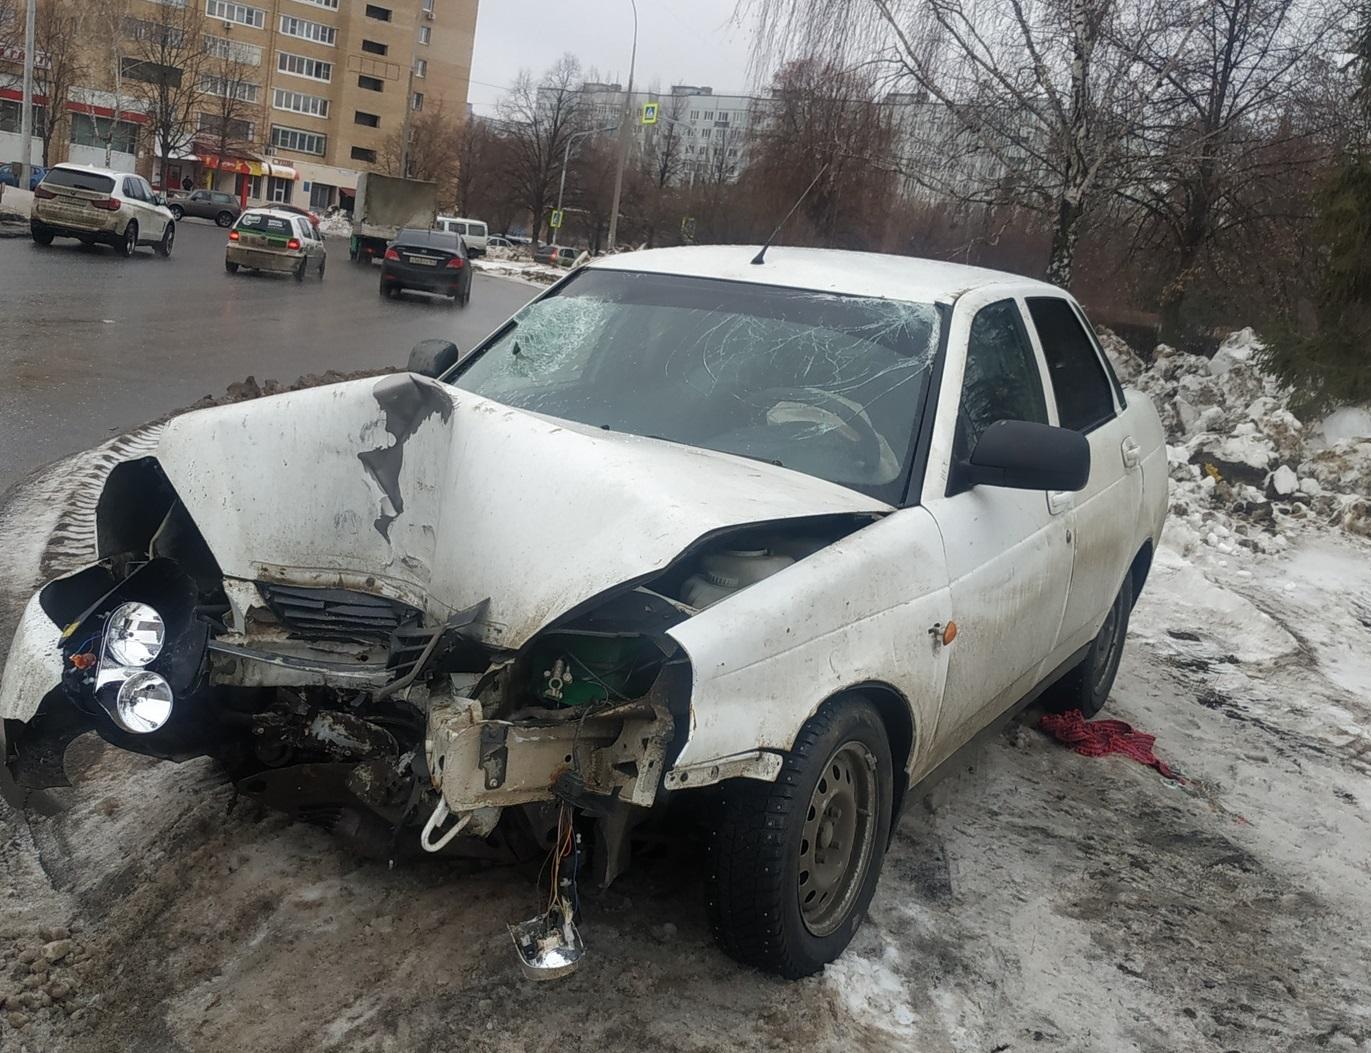 Ночью в Тольятти «Лада» врезалась в столб. Пострадали люди